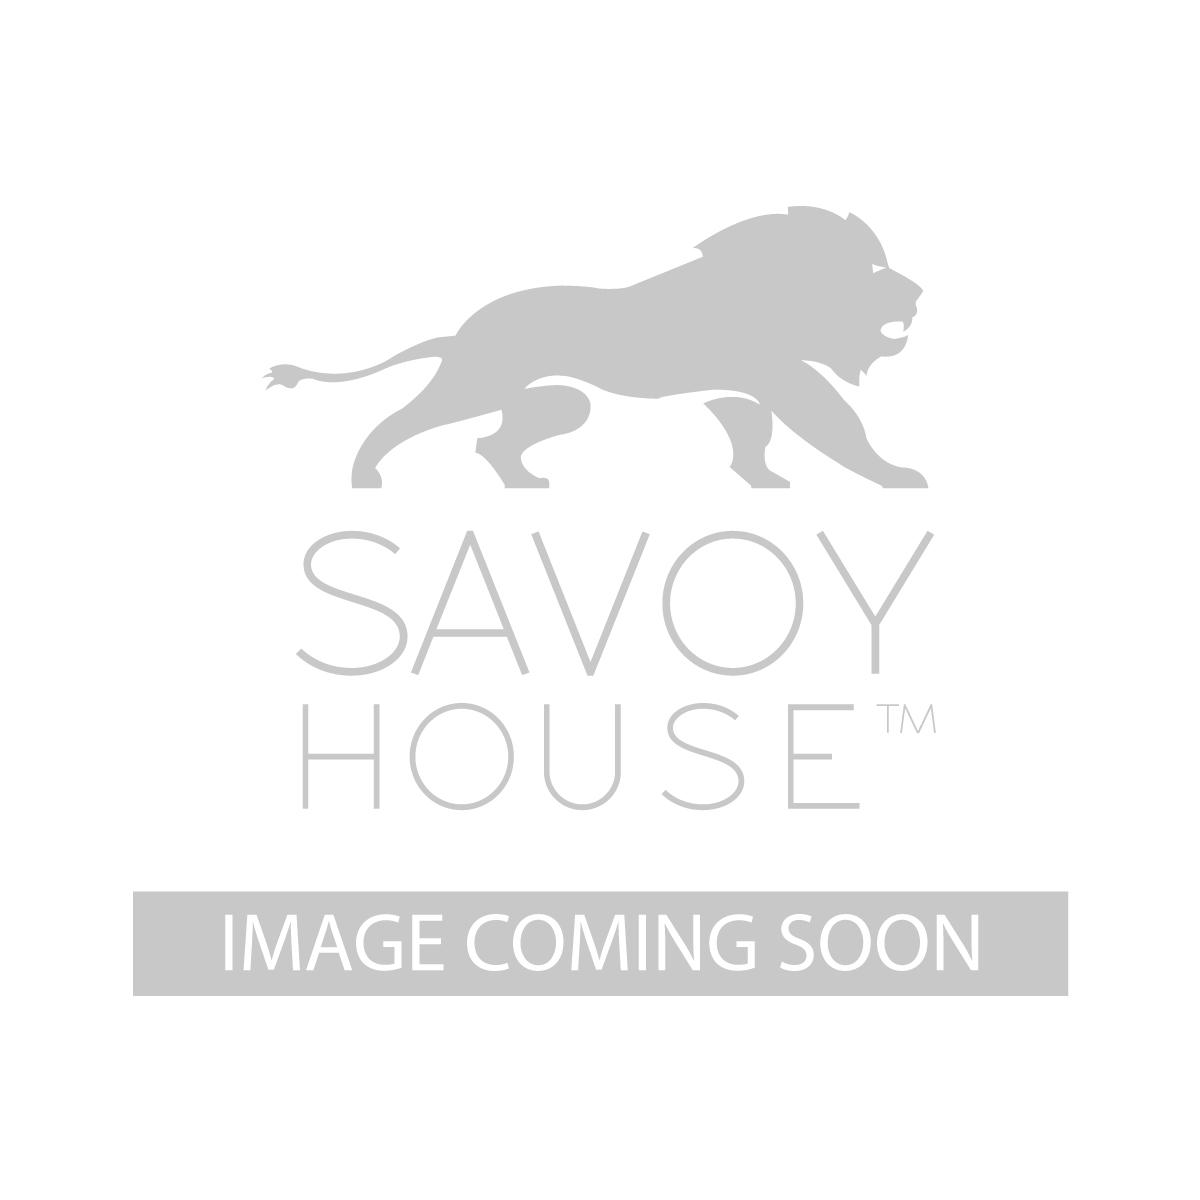 Fullsize Of Savoy House Lighting